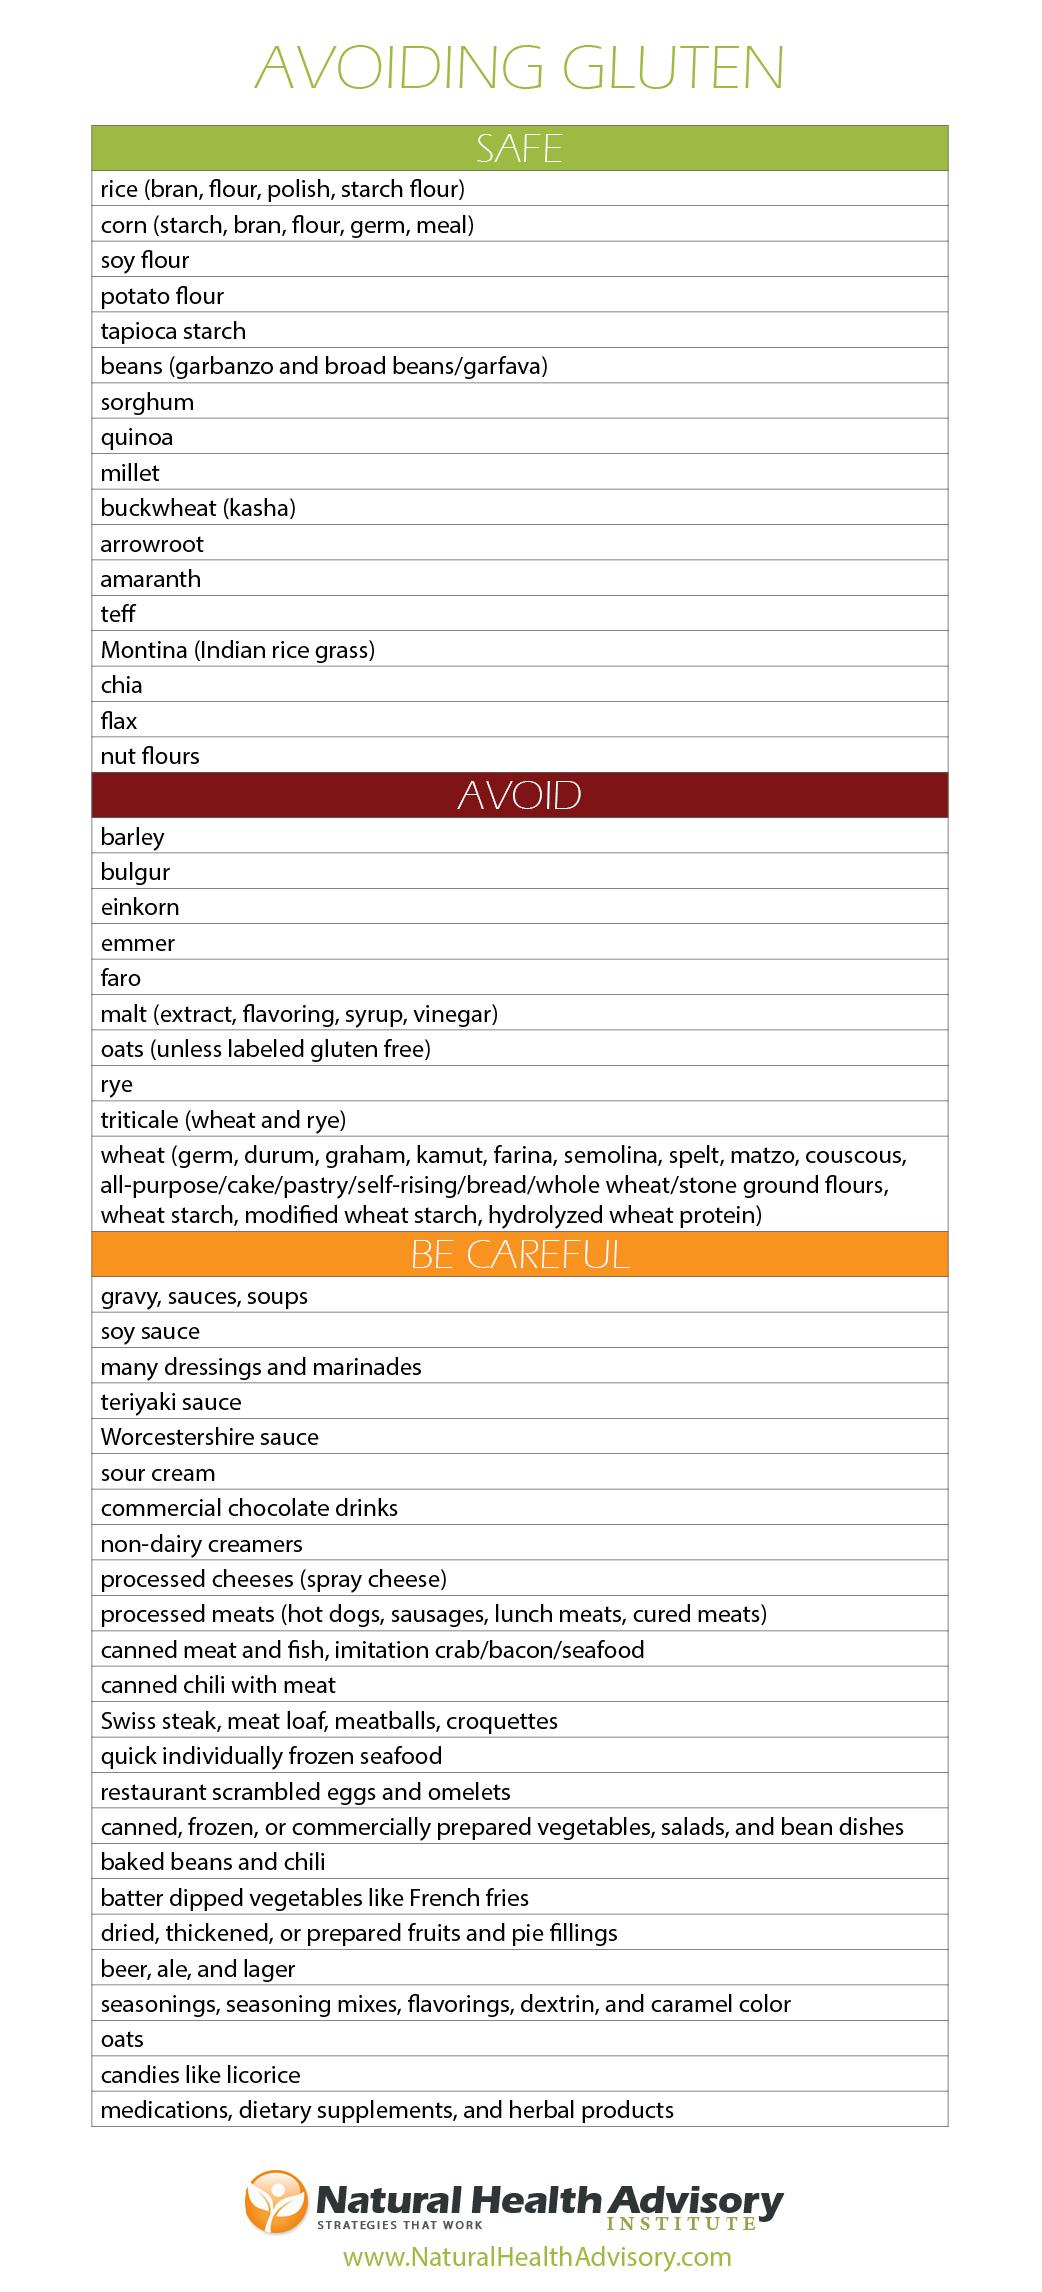 Gluten Fodd List